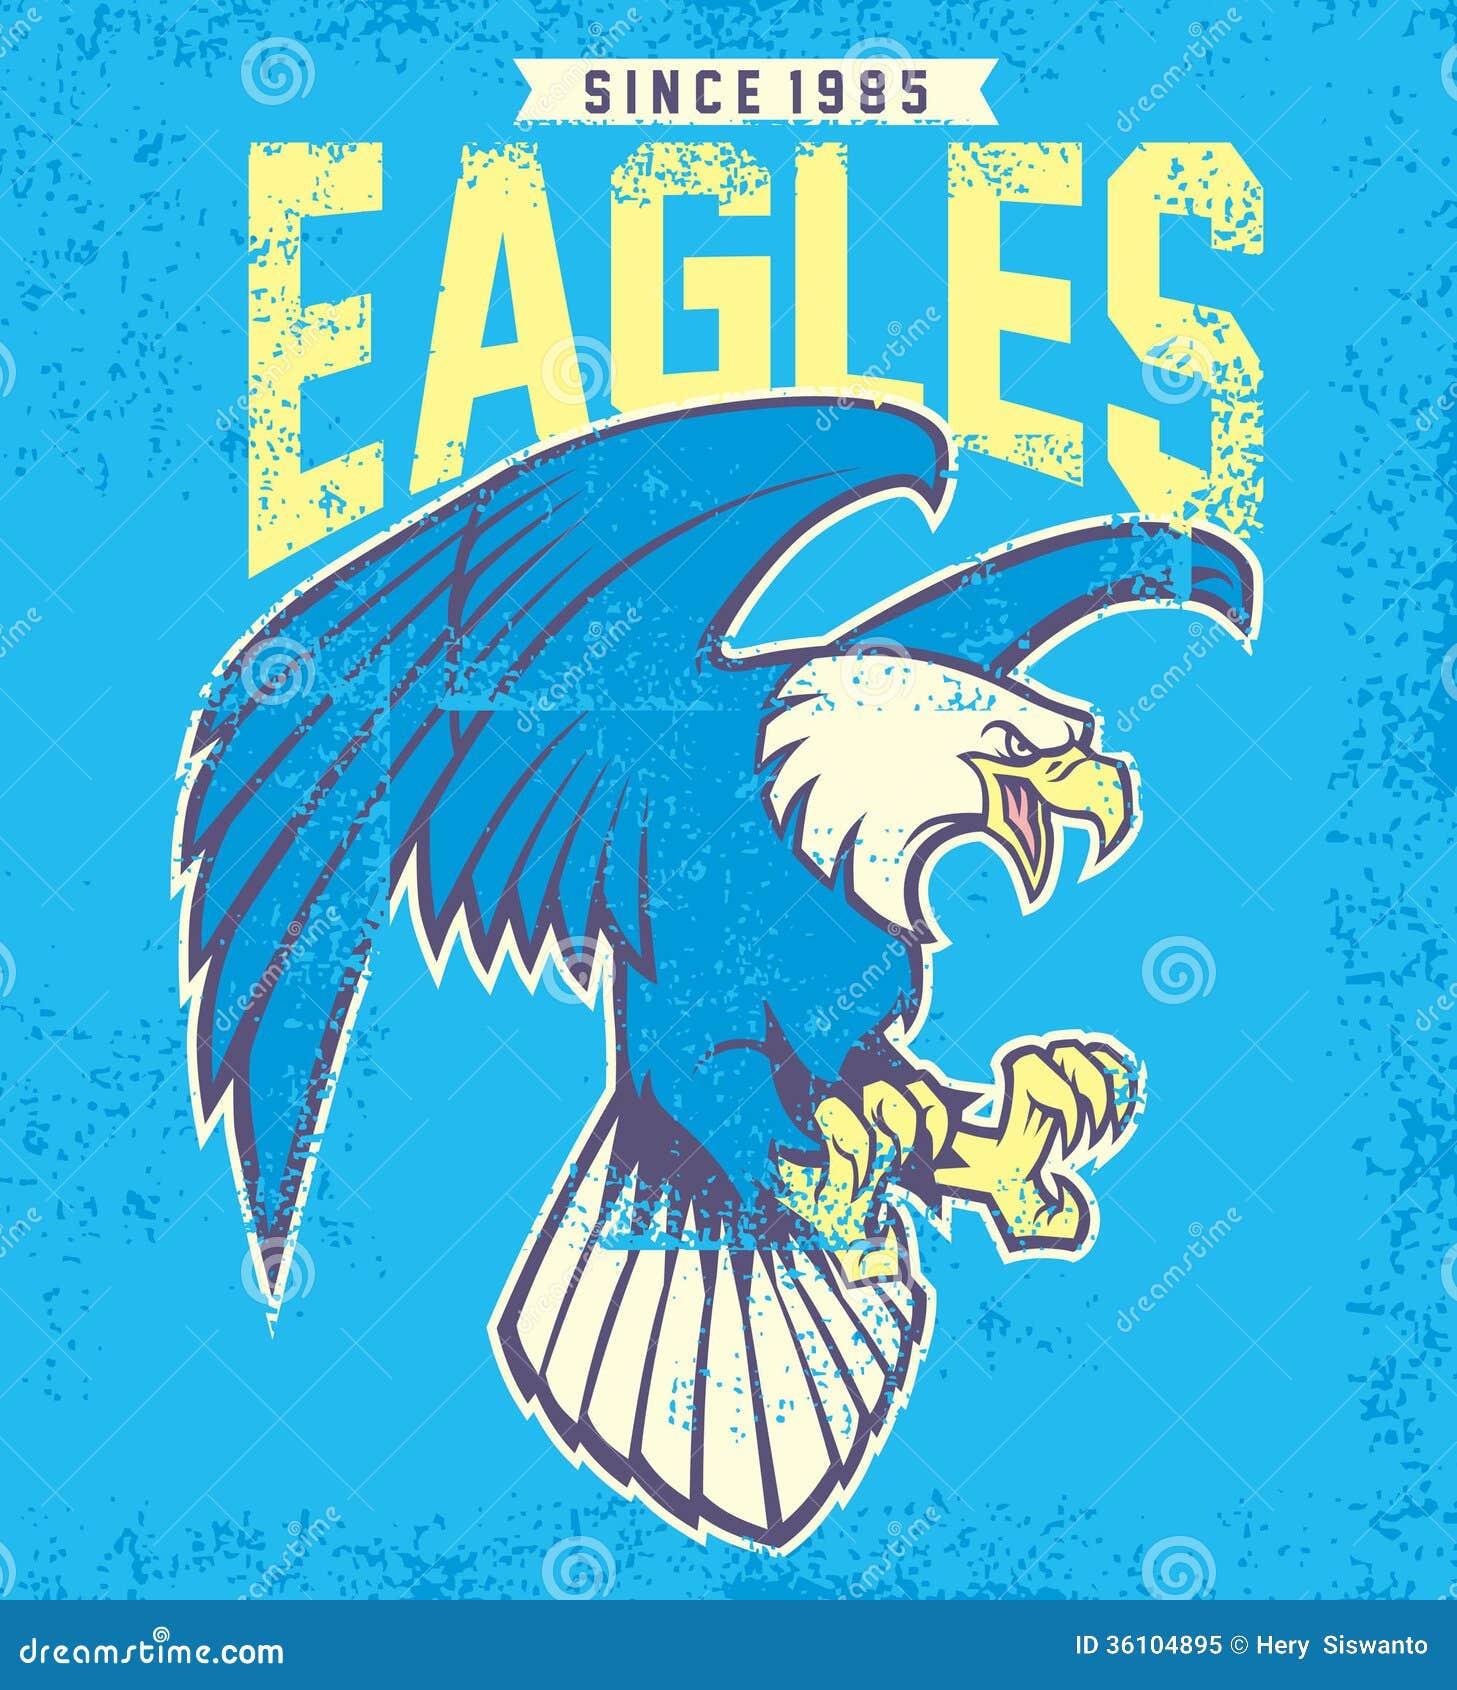 Vintage eagle mascot